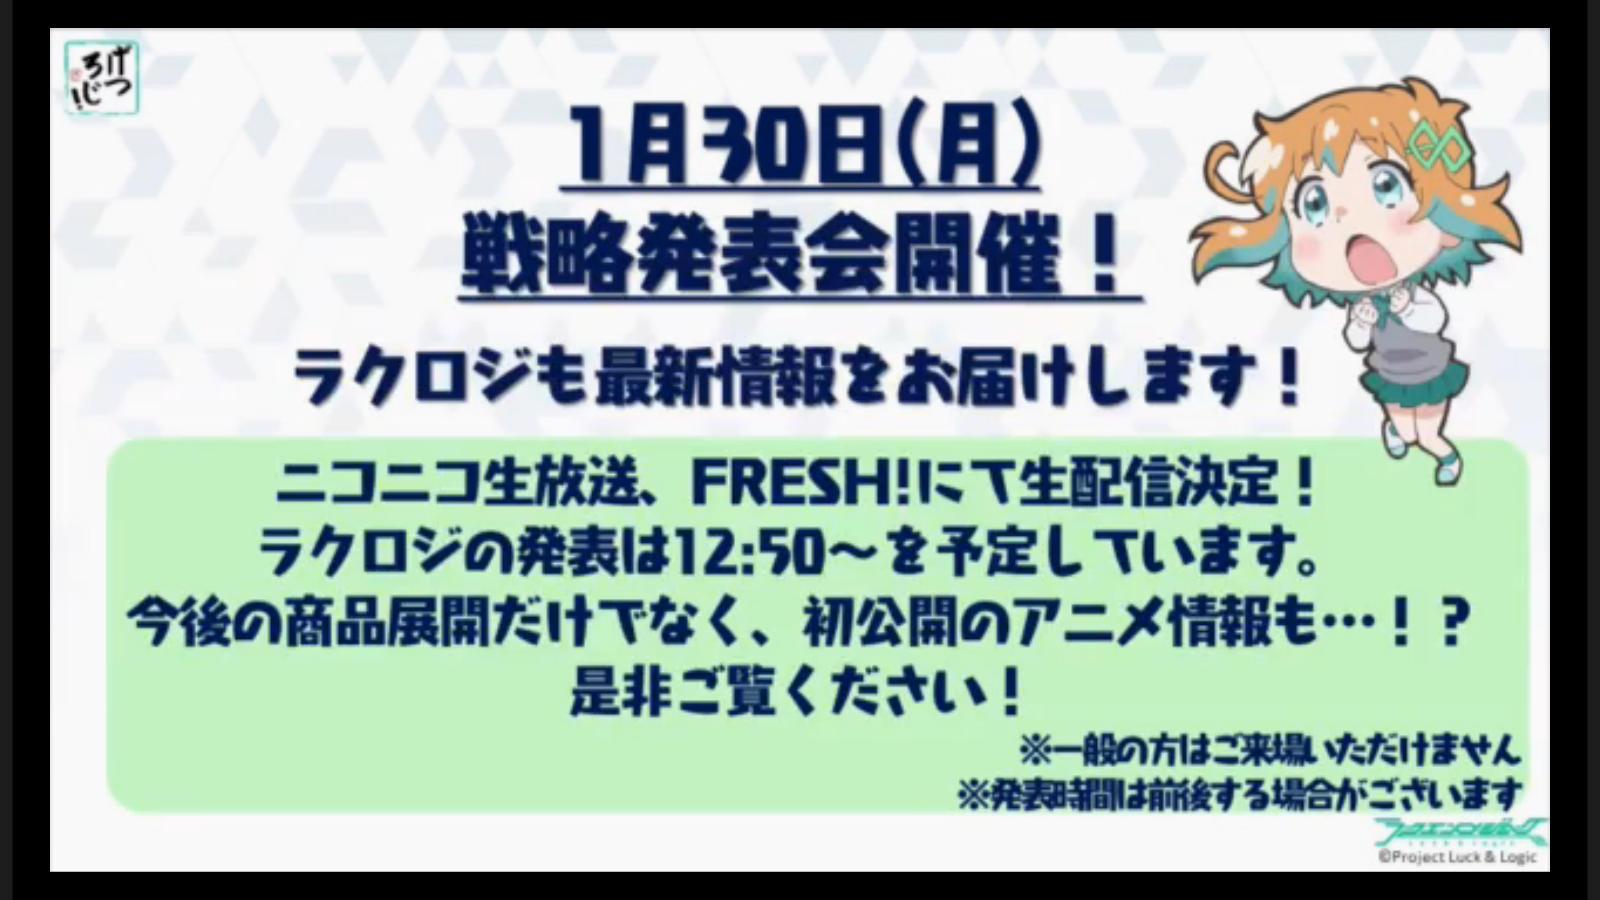 bshi-live-170123-005.jpg